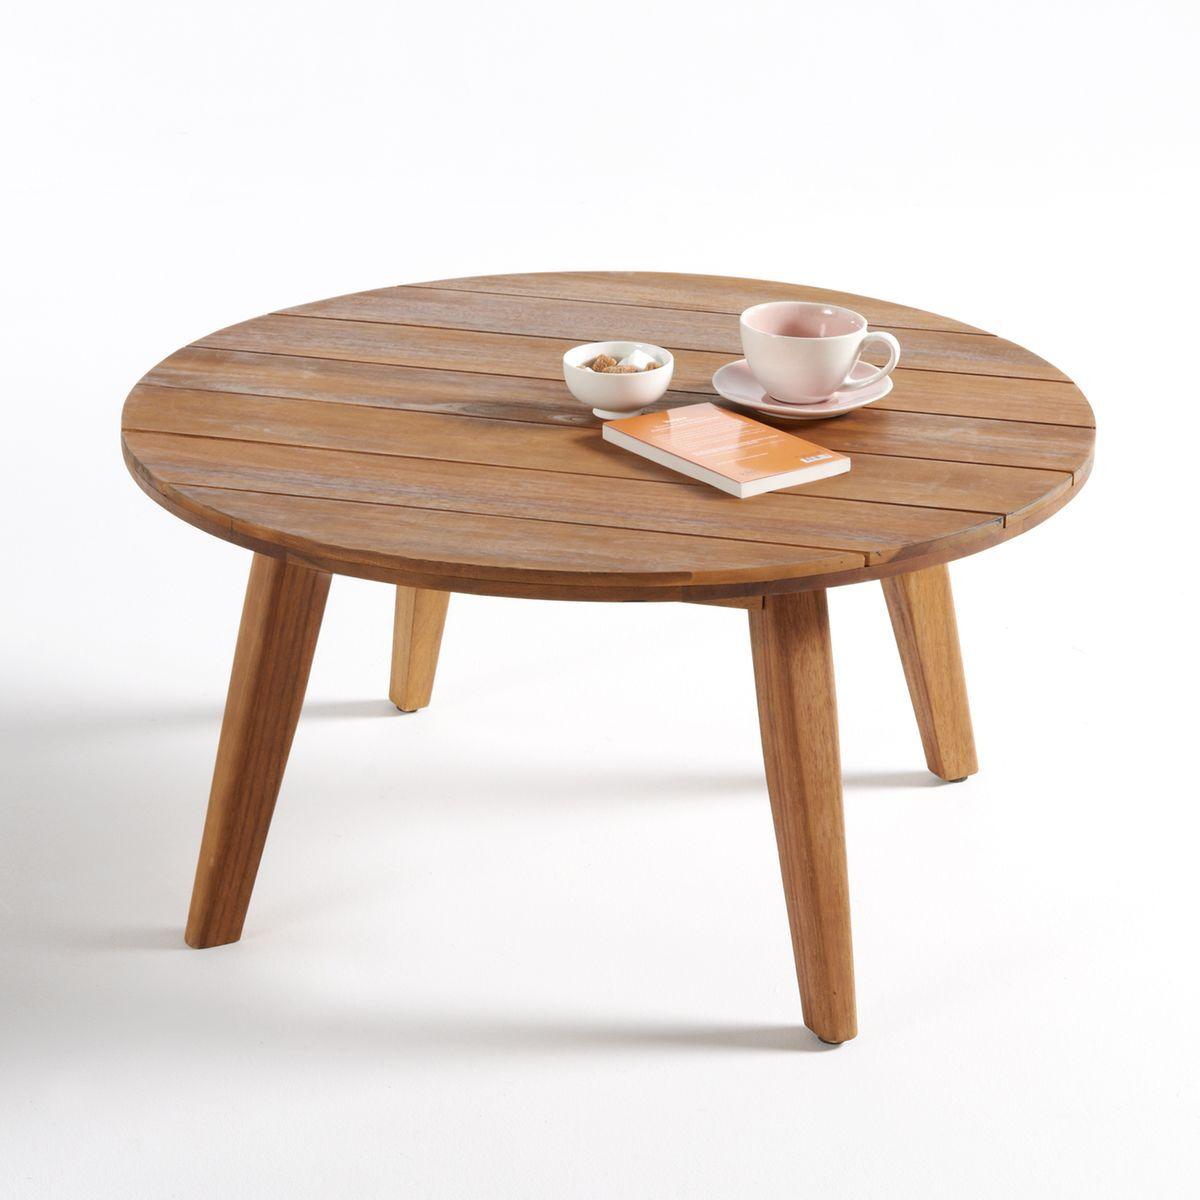 La Redoute Table basse de jardin en acacia Grigio - LA REDOUTE INTERIEURS